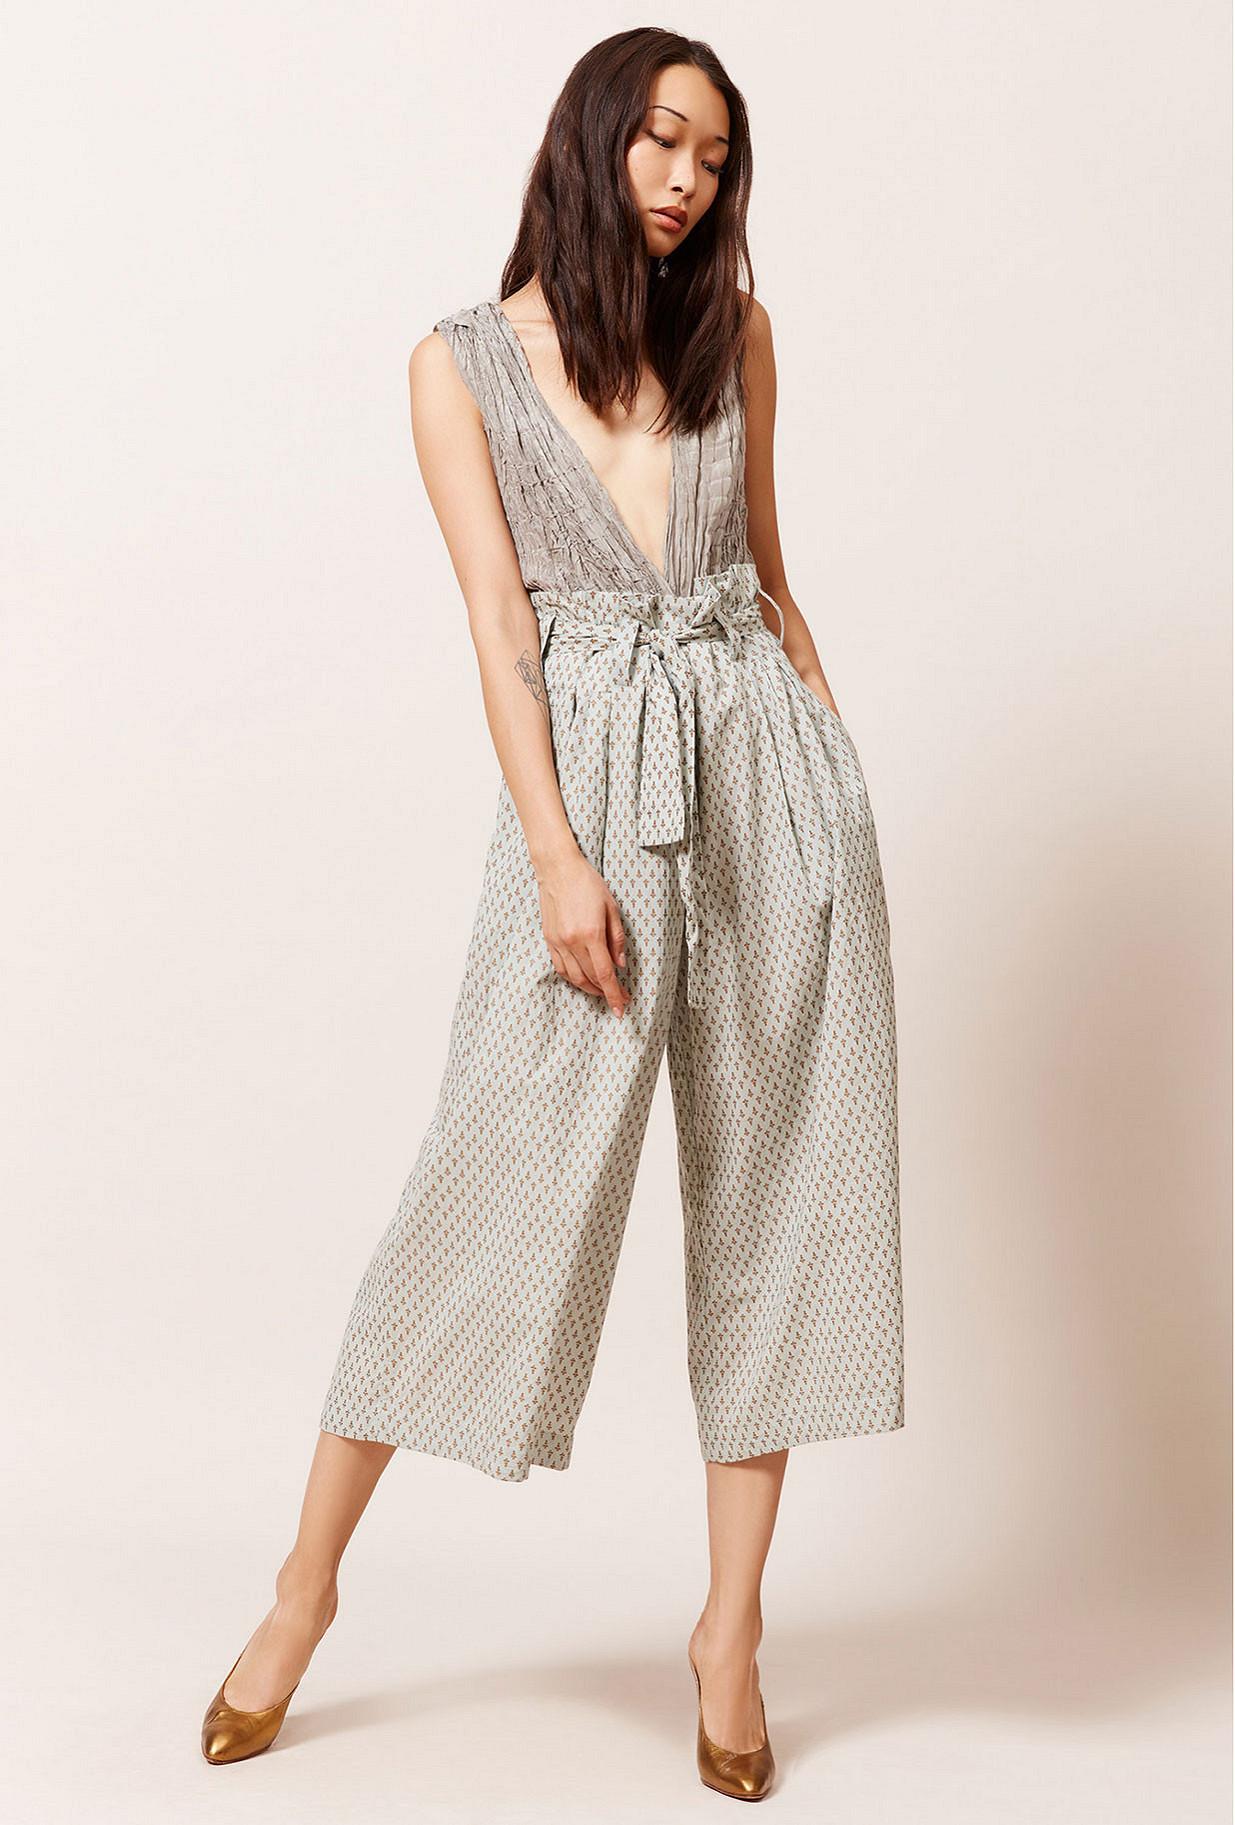 Blue  Pant  Chatelain Mes demoiselles fashion clothes designer Paris